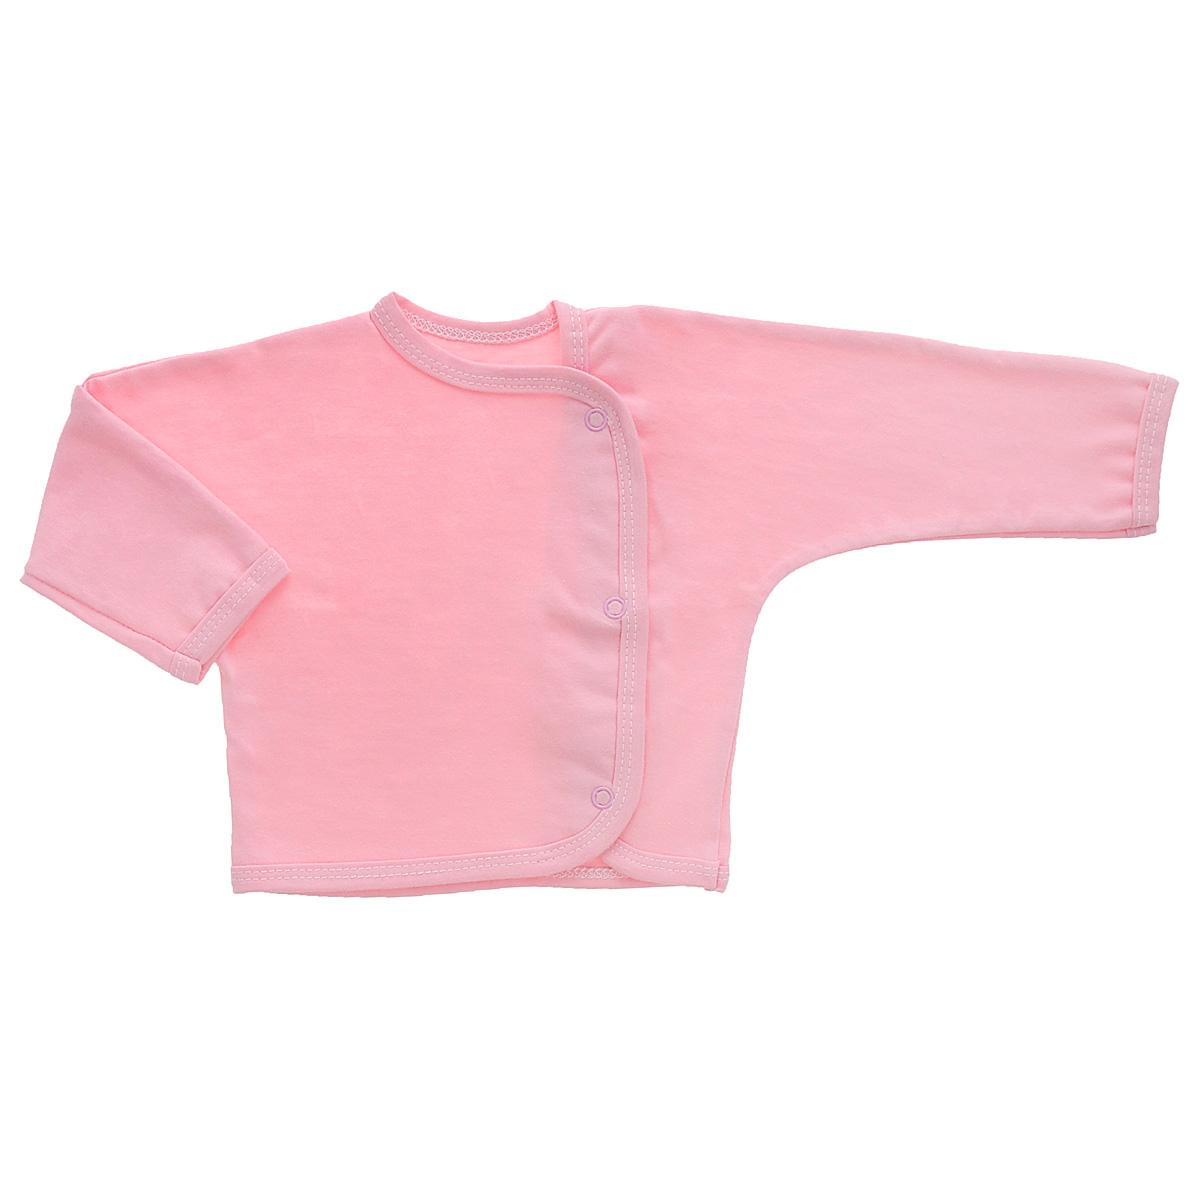 Кофточка Трон-плюс, цвет: розовый. 5153. Размер 68, 6 месяцев5153Кофточка с длинными рукавами Трон-плюс послужит идеальным дополнением к гардеробу младенца. Кофточка выполнена из кулирного полотна - натурального хлопка, благодаря чему она необычайно мягкая и легкая, не раздражает нежную кожу ребенка и хорошо вентилируется, а эластичные швы приятны телу малыша и не препятствуют его движениям. Кофточка застегивается спереди по всей длине при помощи кнопок, позволяют без труда переодеть ребенка.